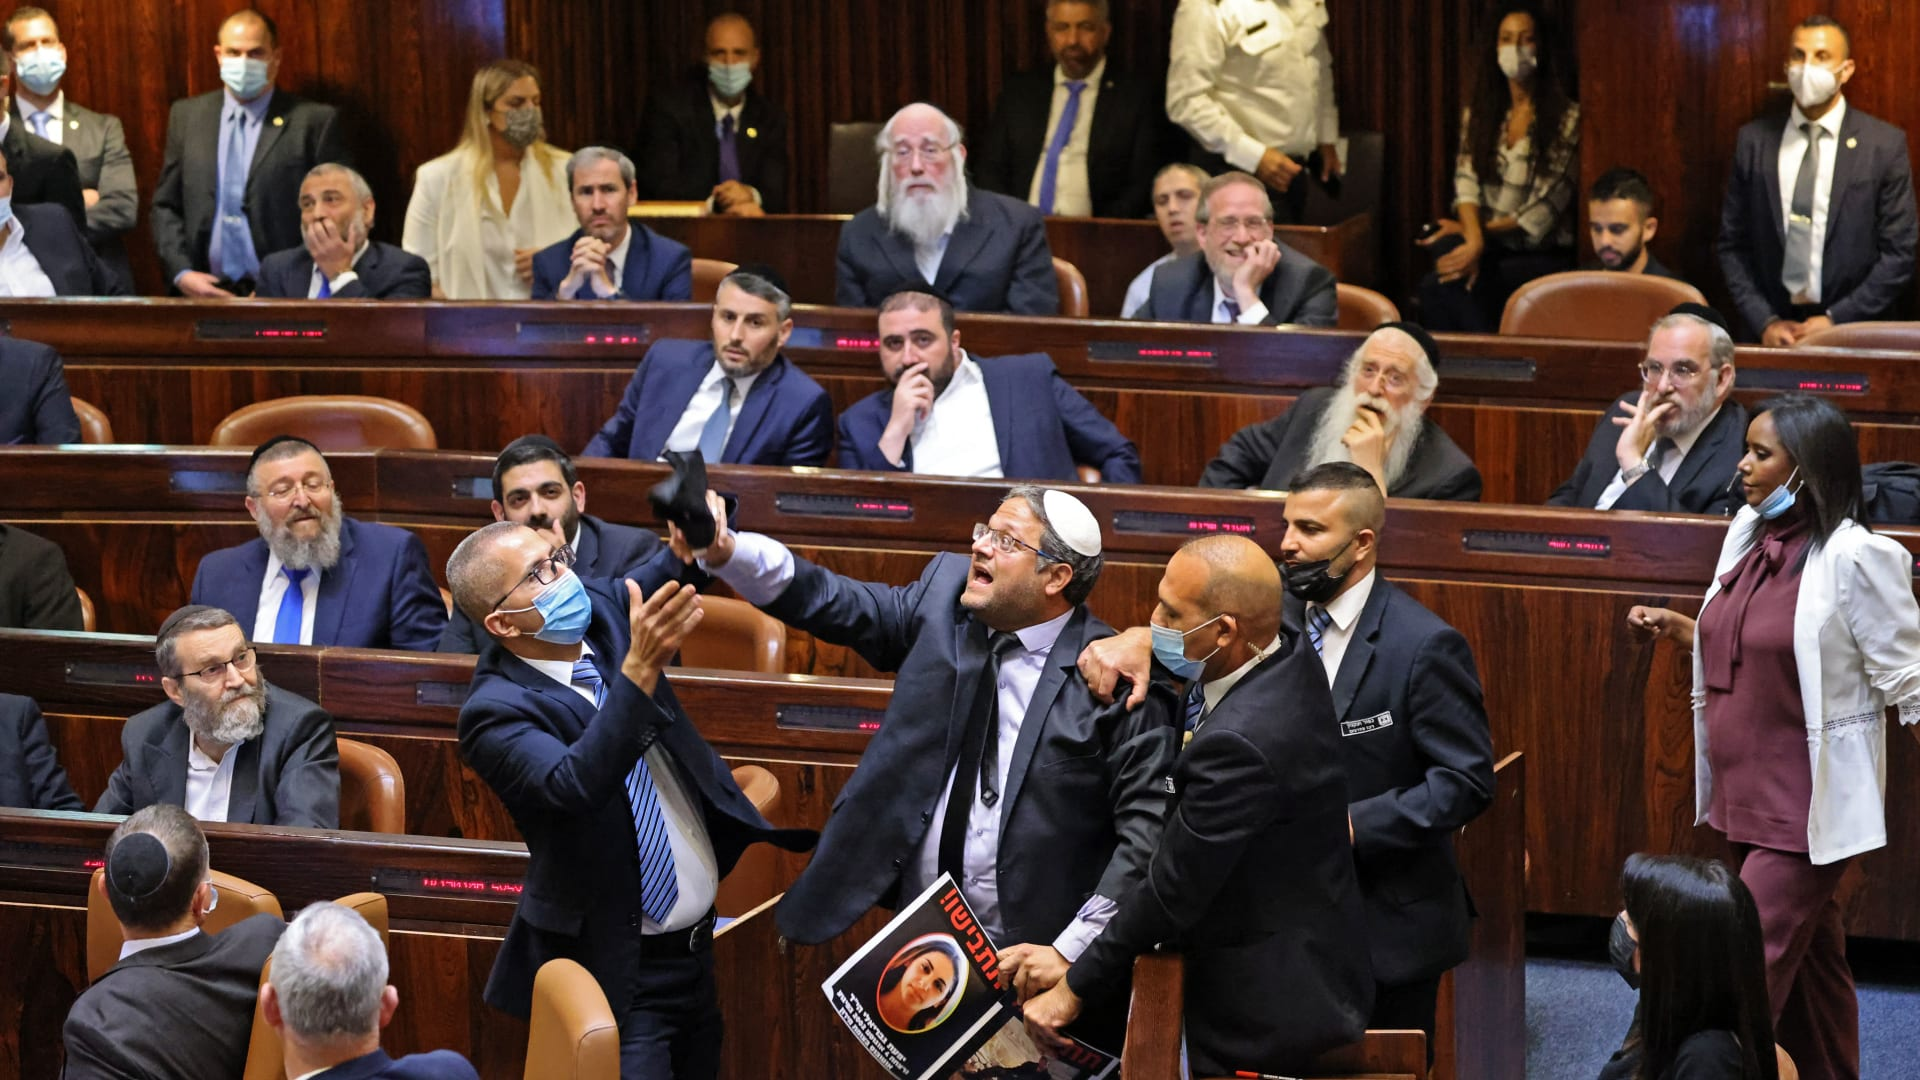 شاهد.. لحظة مقاطعة خطاب بينيت.. وطرد حلفاء نتنياهو من الكنيست